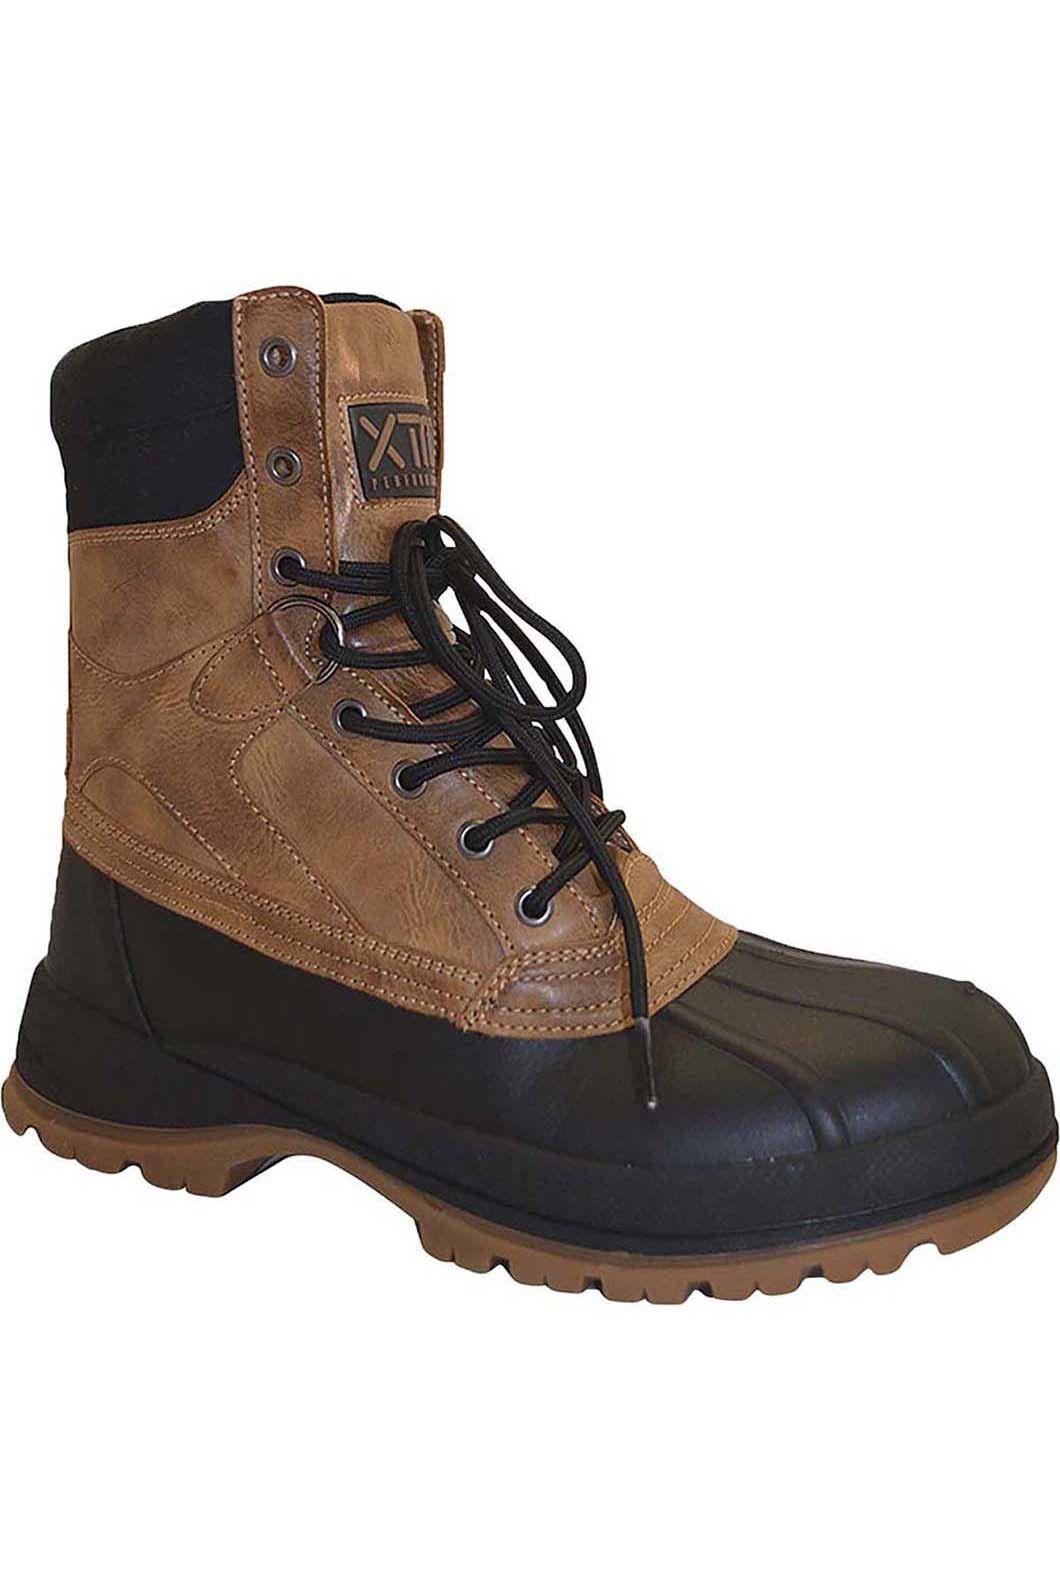 XTM Men's Konrad Snow Boots0, Brown, hi-res